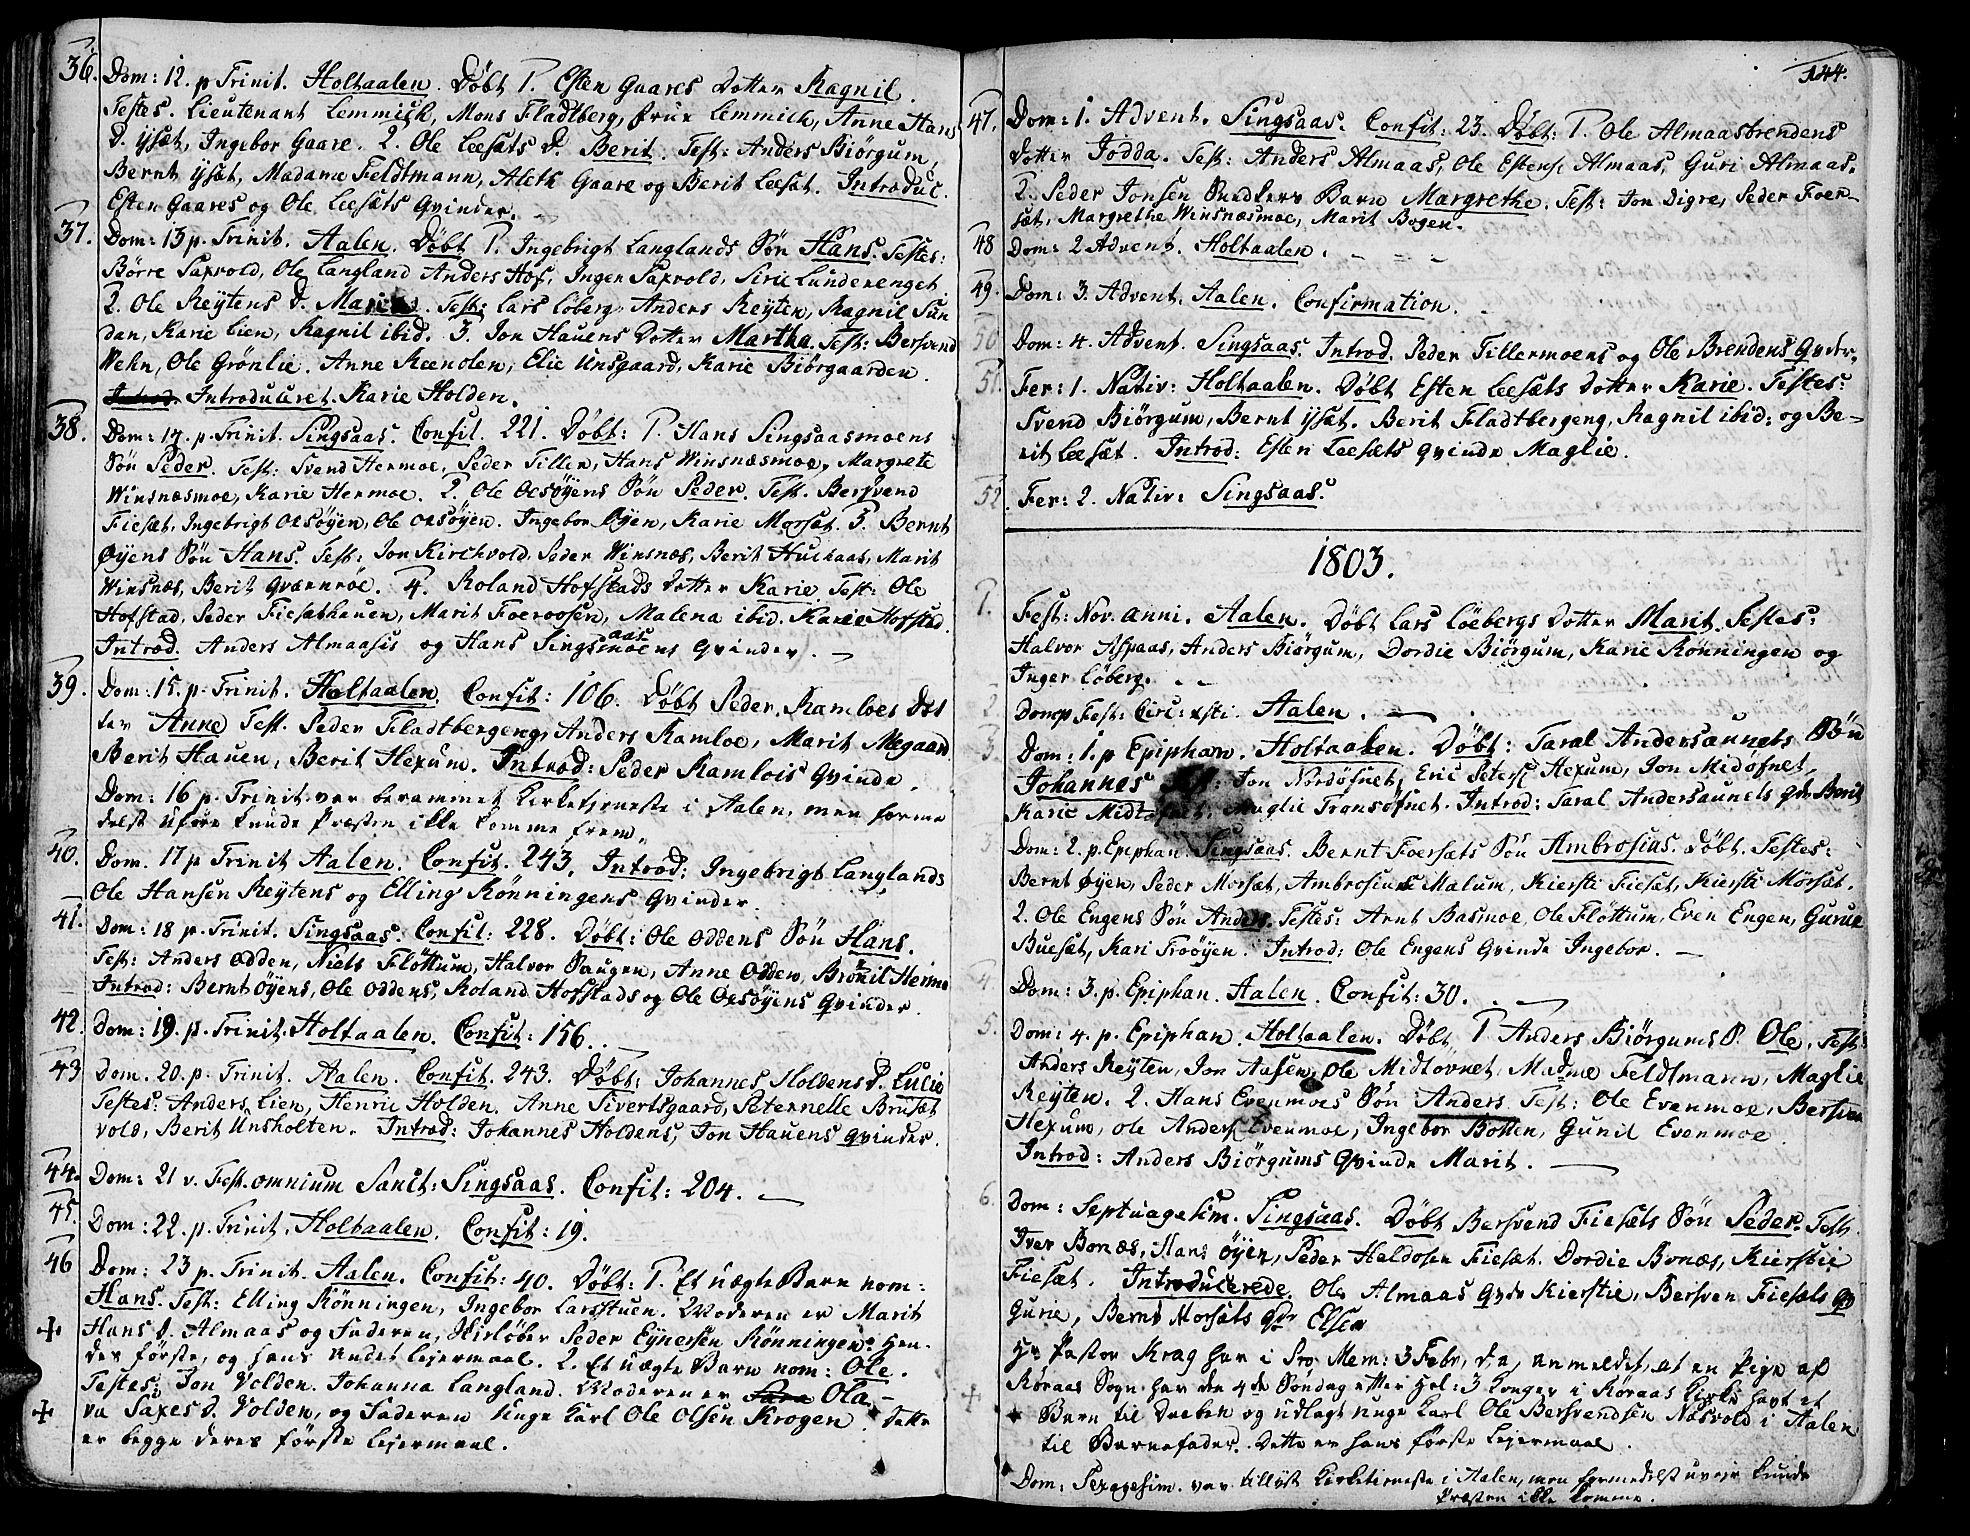 SAT, Ministerialprotokoller, klokkerbøker og fødselsregistre - Sør-Trøndelag, 685/L0952: Ministerialbok nr. 685A01, 1745-1804, s. 144